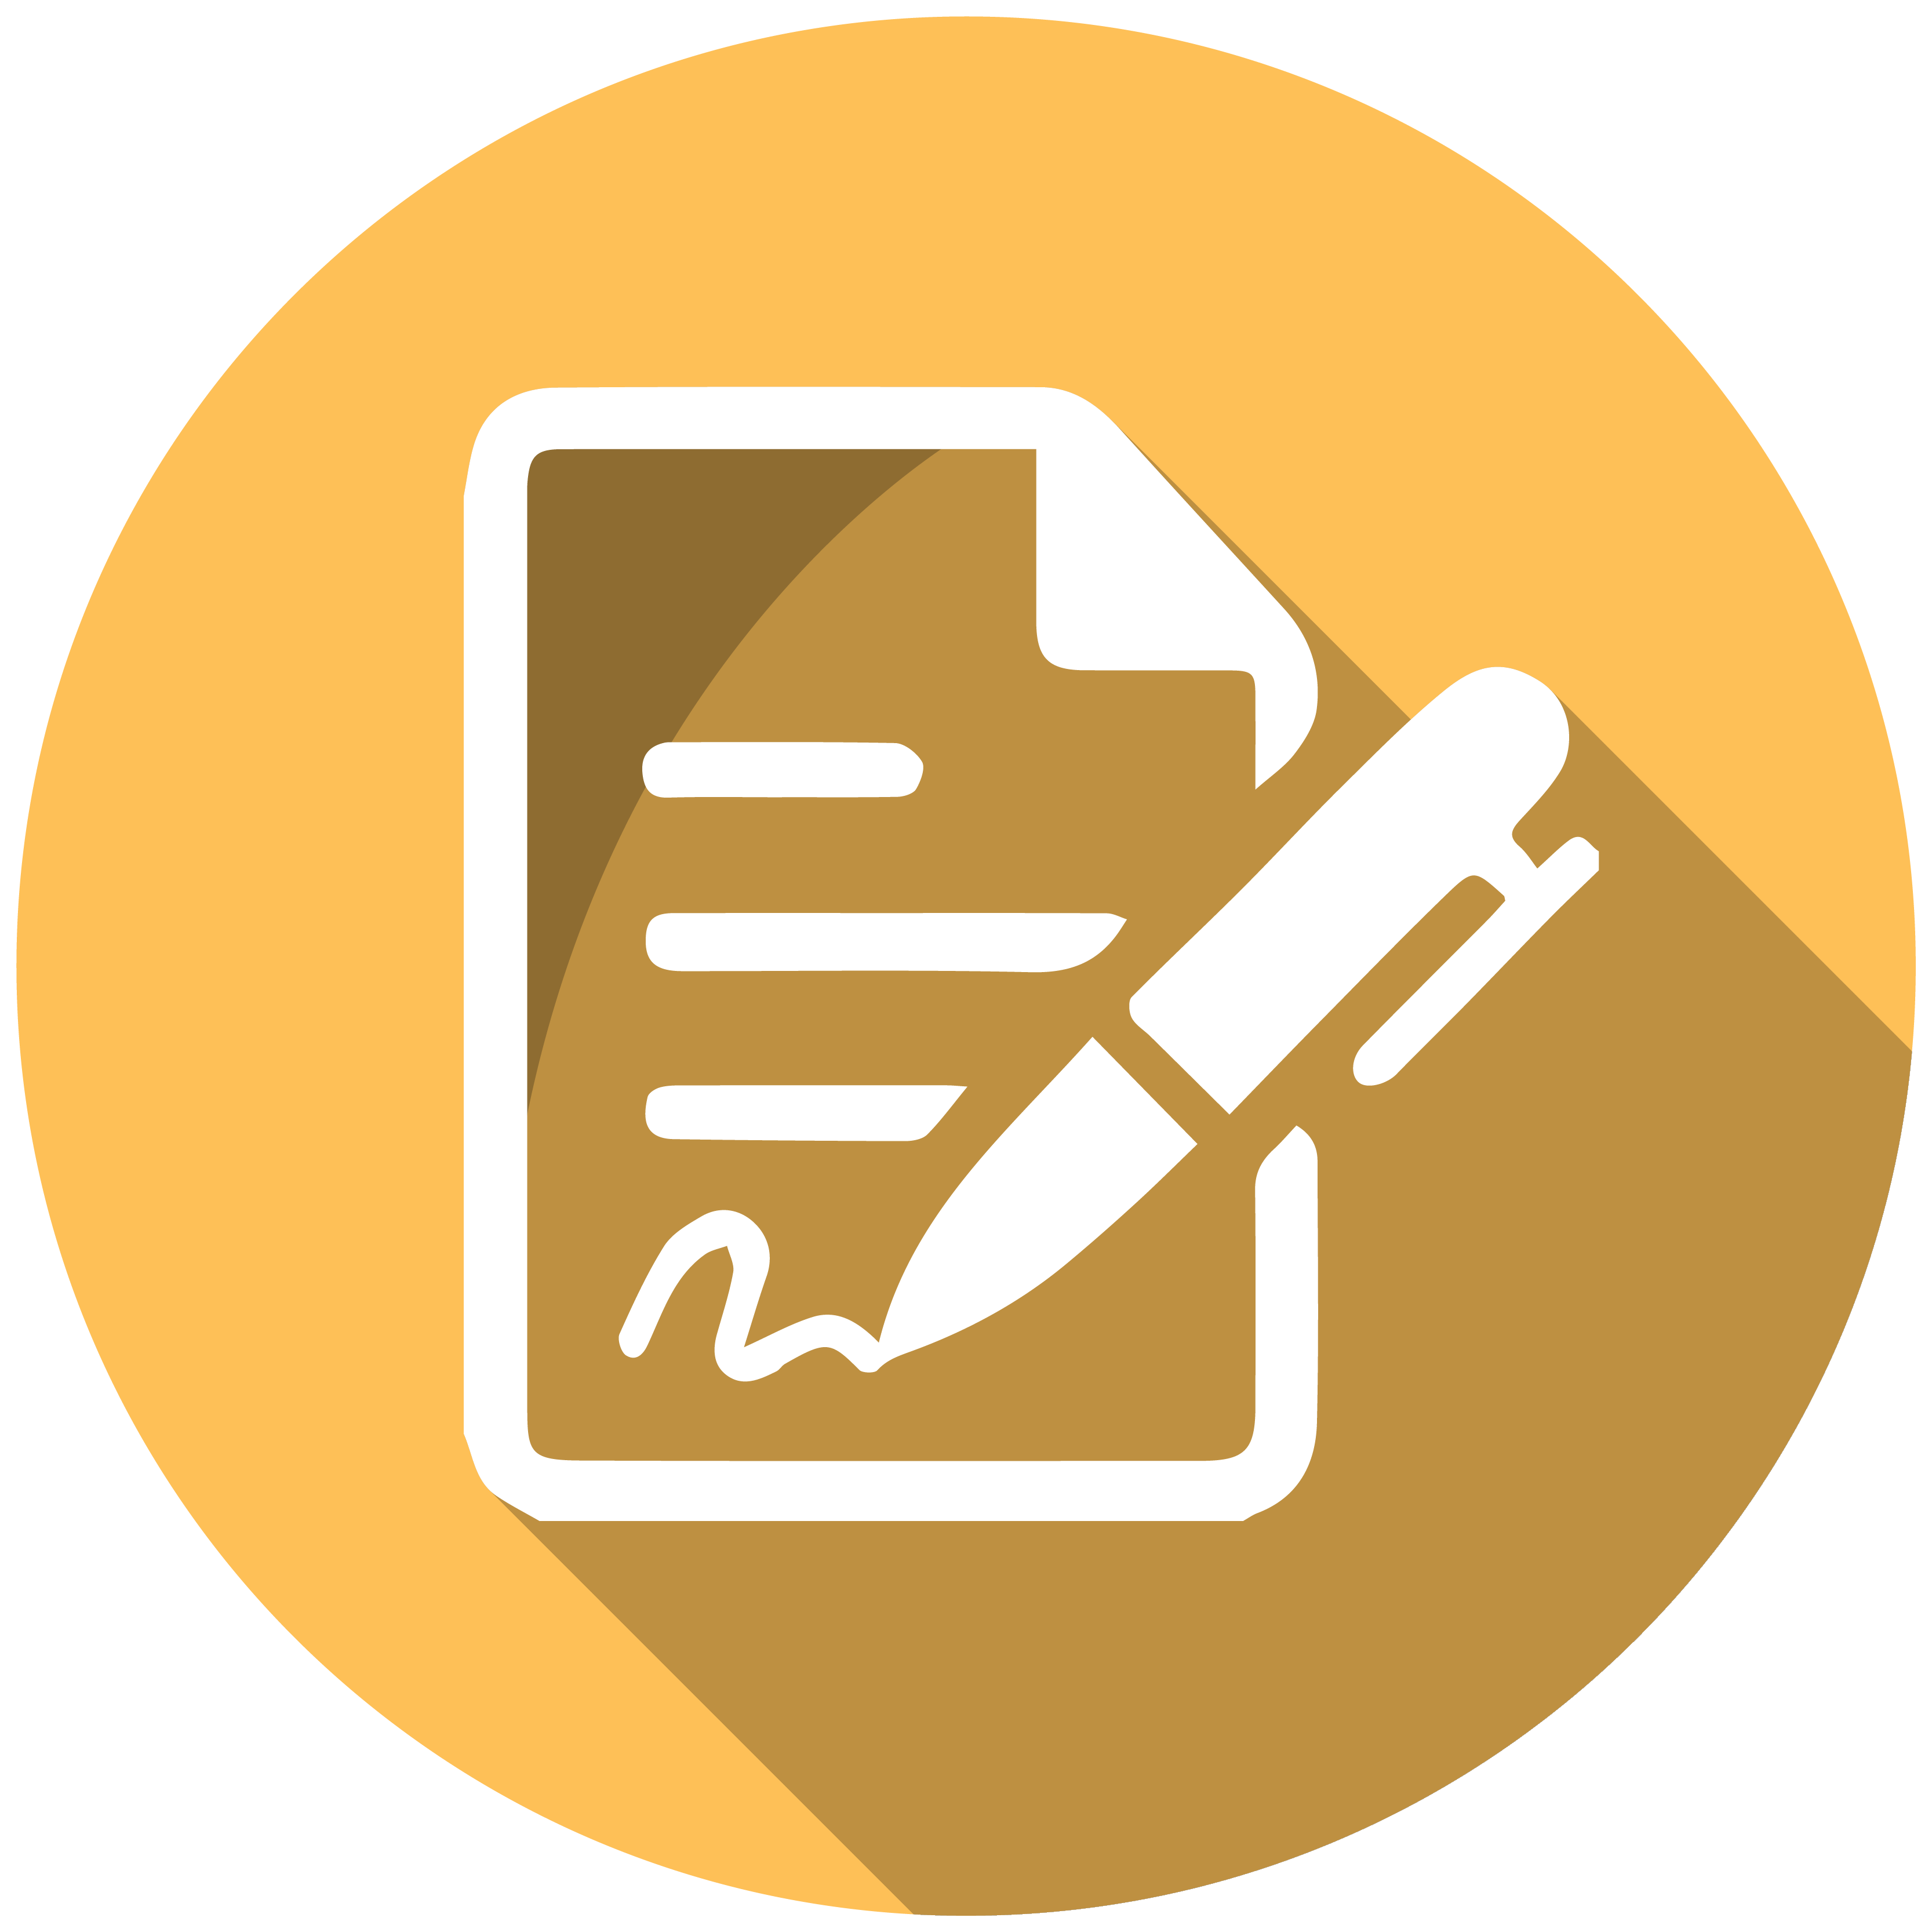 پاورپوینت حسابداري اجاره ها (استاندارد حسابداري شماره 21)